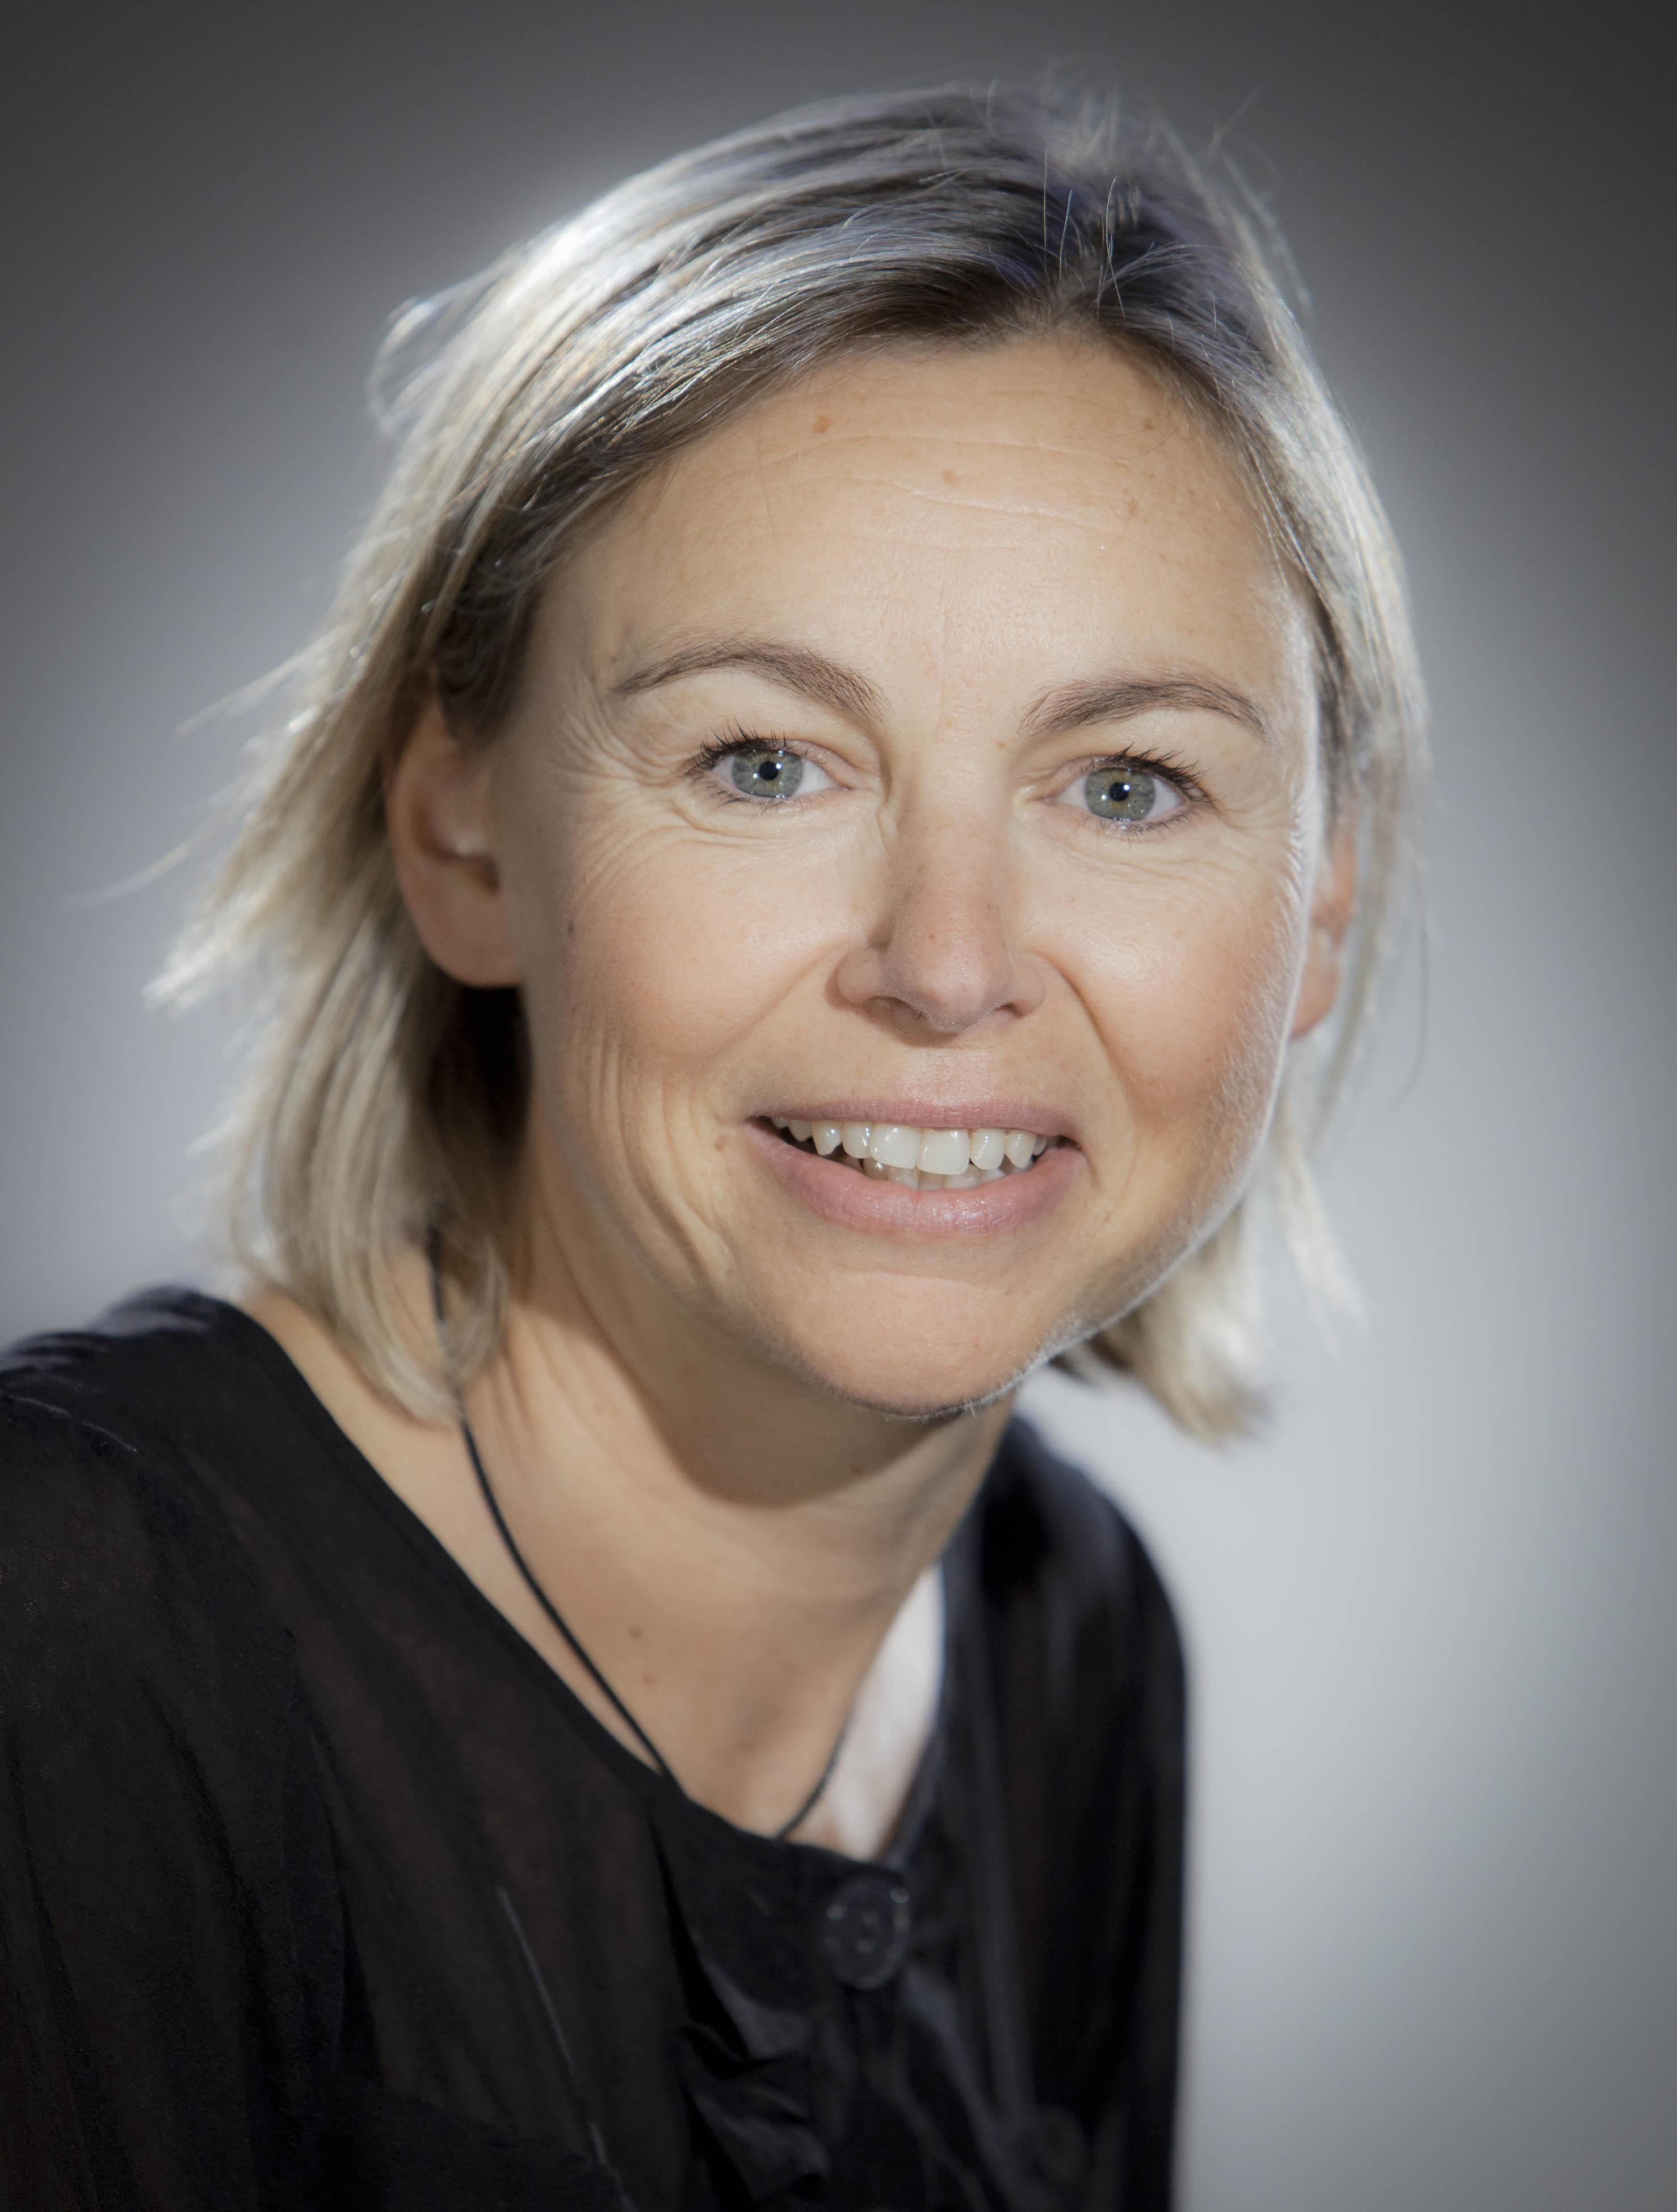 Silmo Paris announces election of new president Amélie Morel